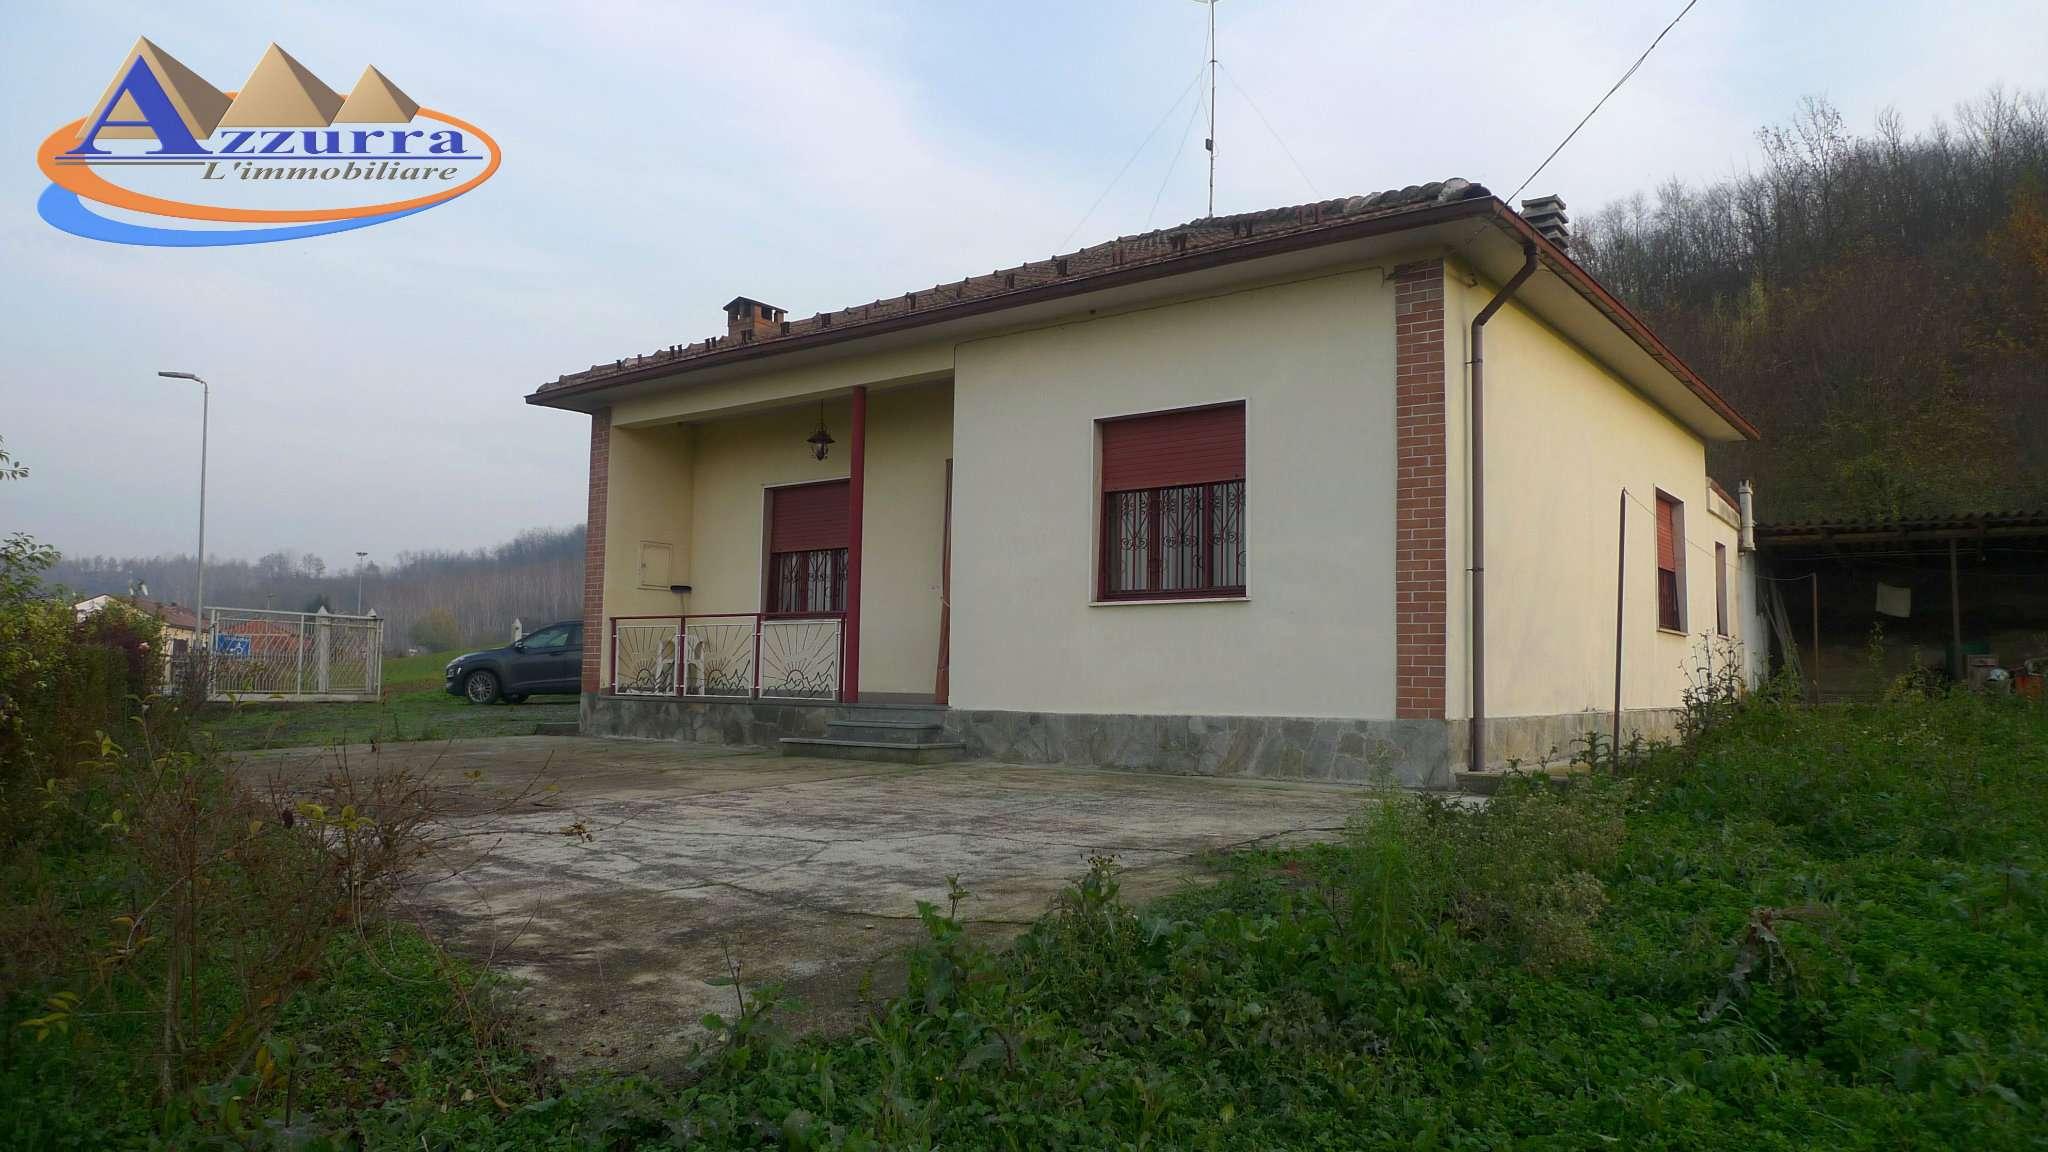 Soluzione Indipendente in vendita a Bergamasco, 6 locali, prezzo € 80.000 | CambioCasa.it